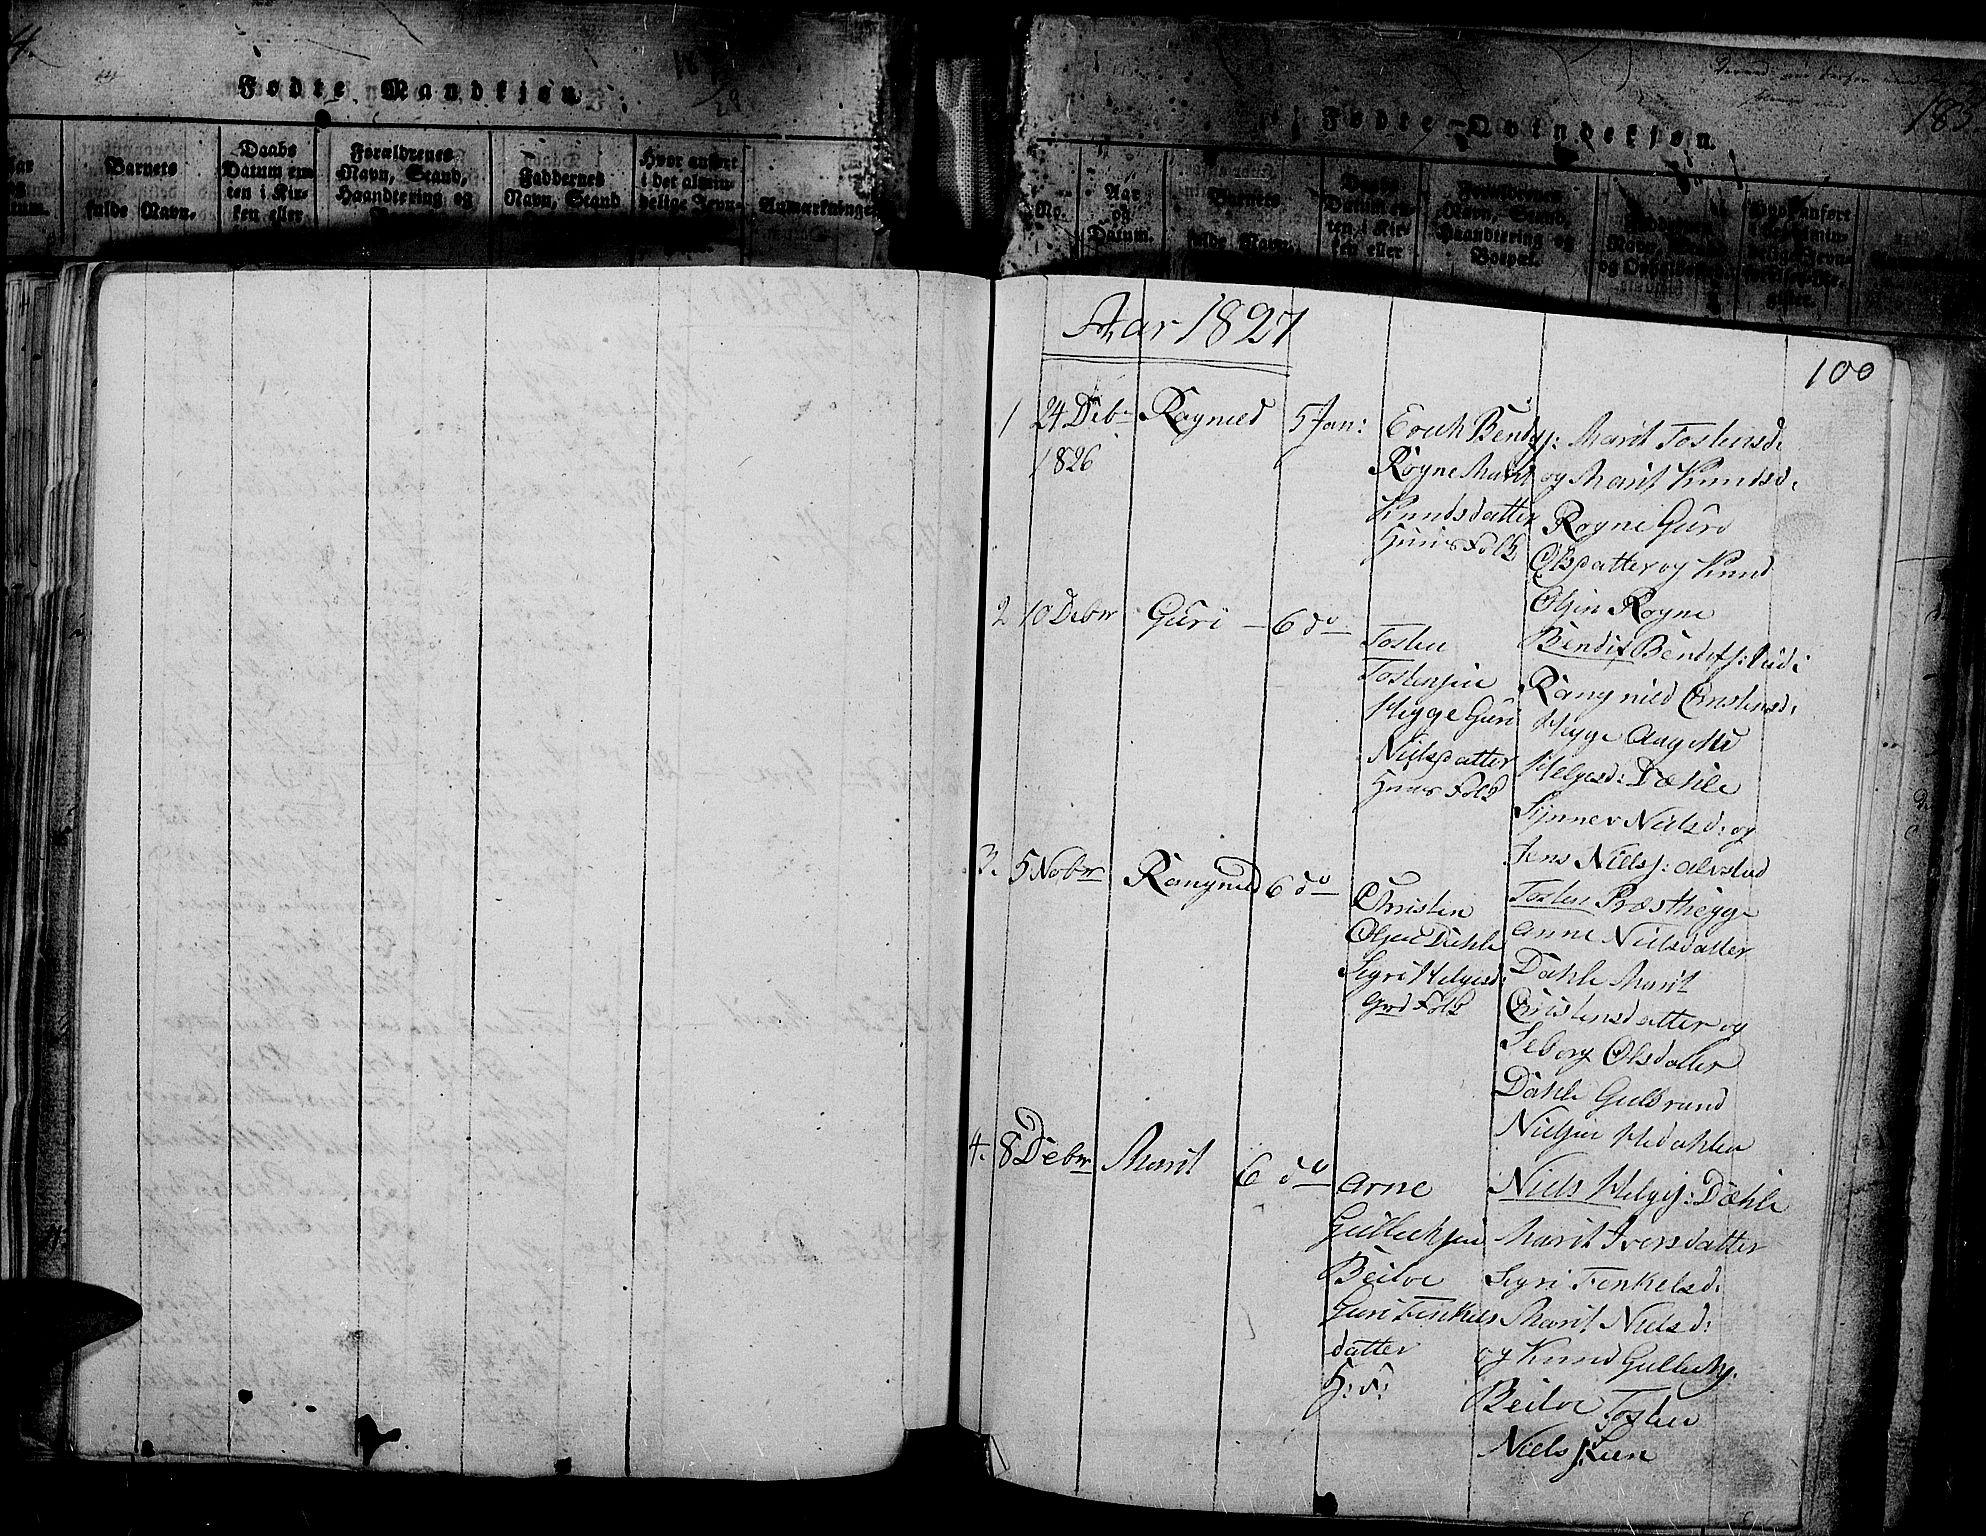 SAH, Slidre prestekontor, Ministerialbok nr. 2, 1814-1830, s. 187x